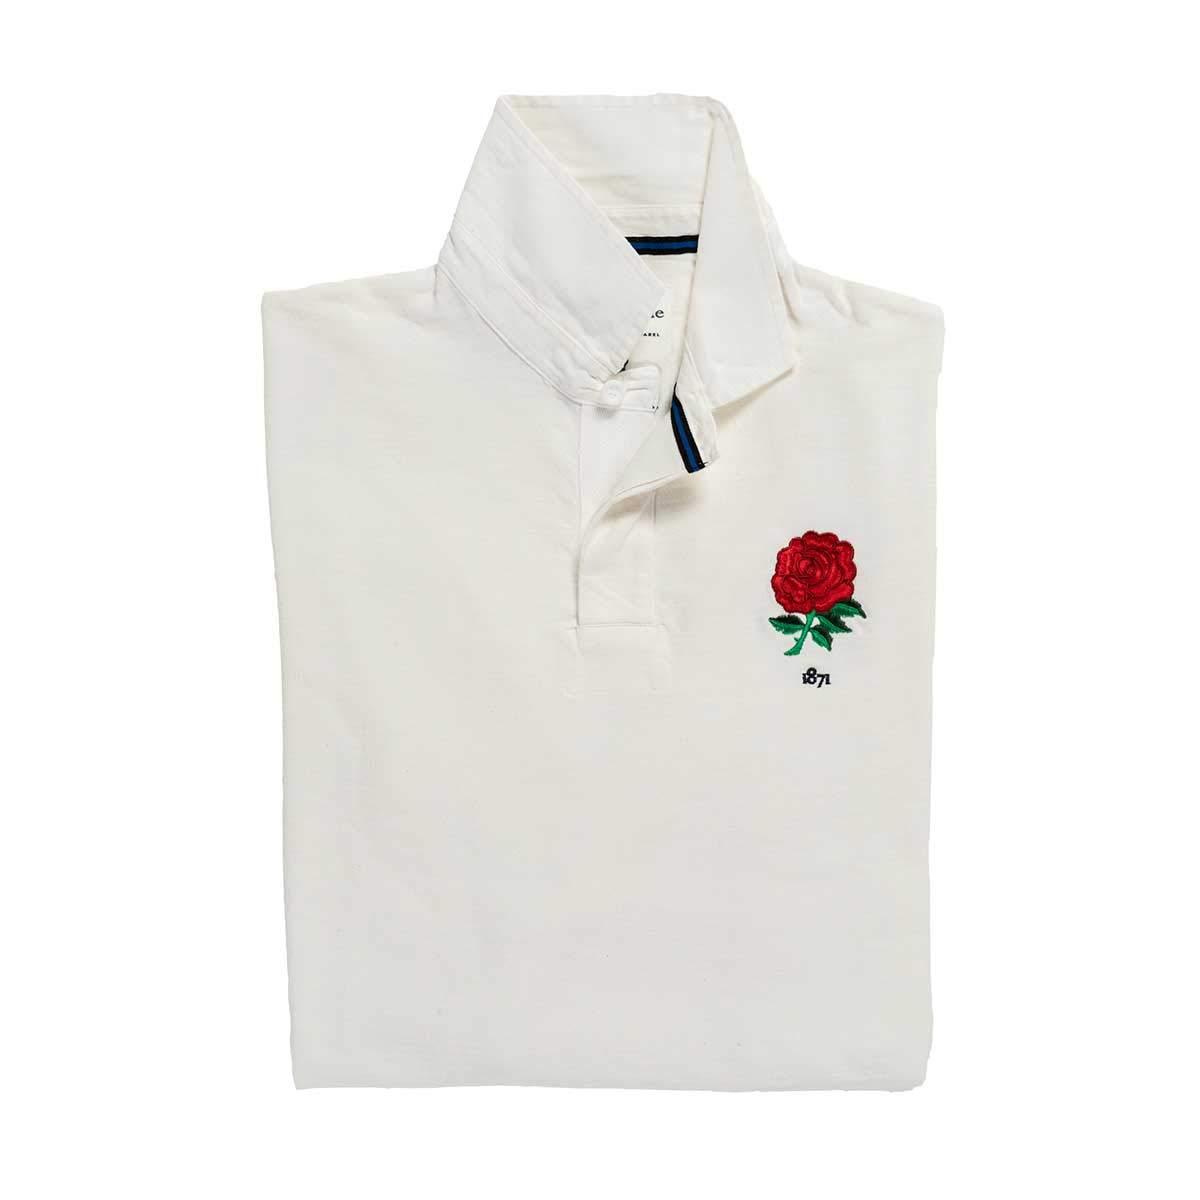 ブラック&ブルーイングランド1871ラグビーシャツ、ホワイト-M